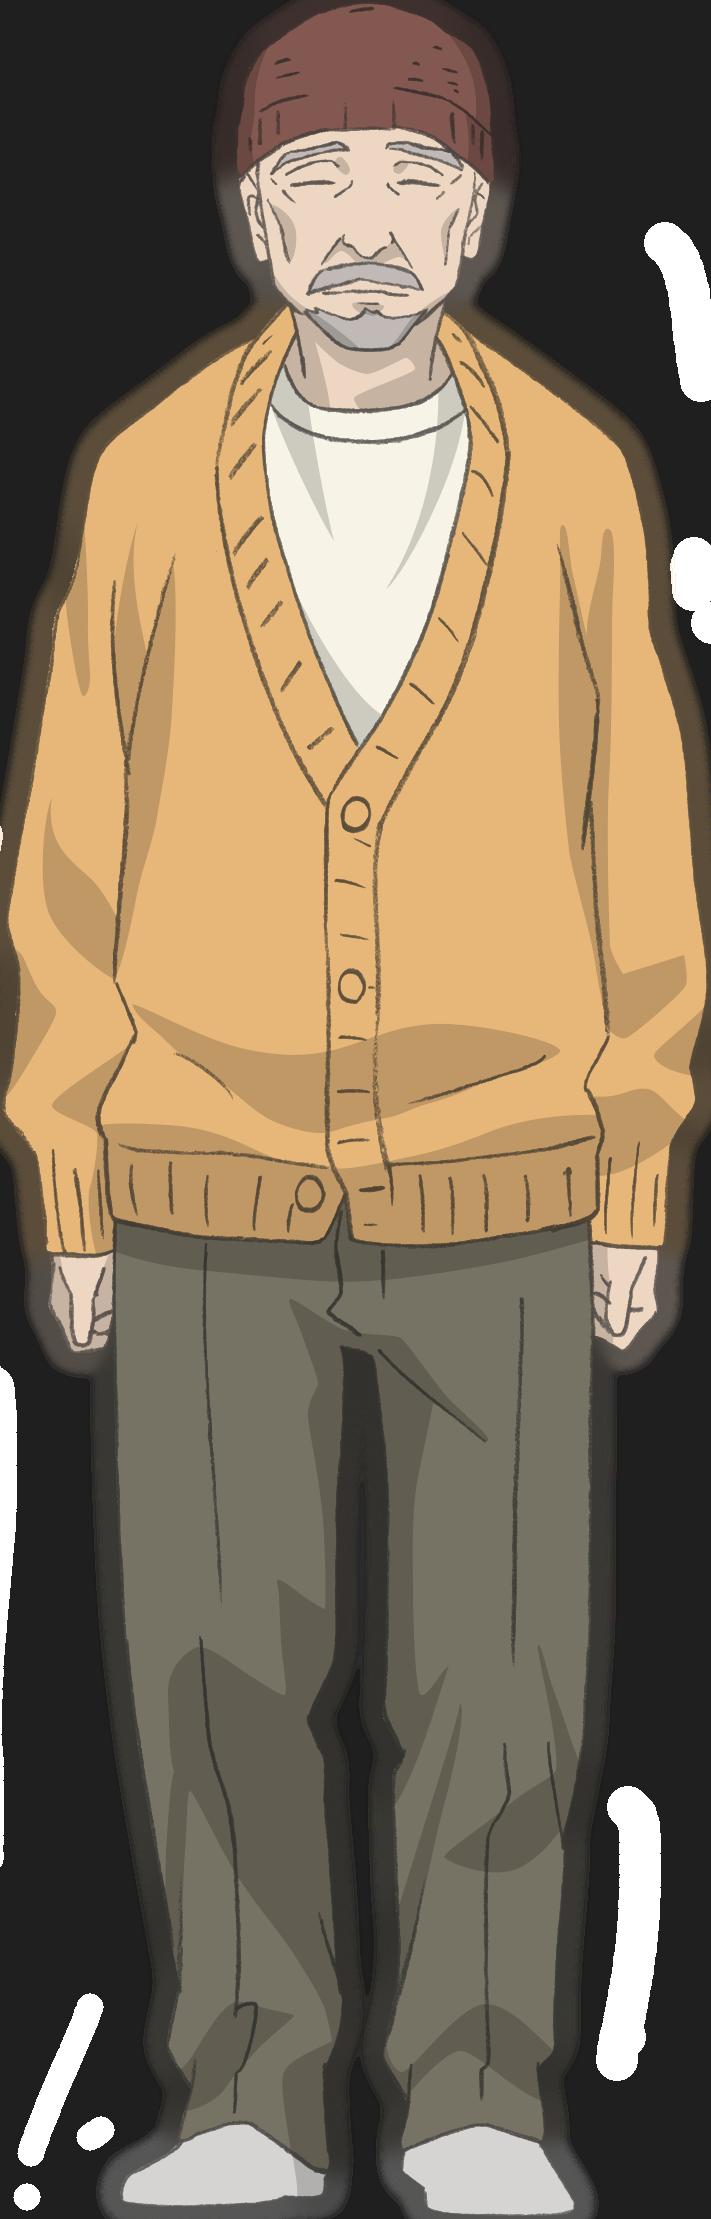 TVアニメ「ましろのおと」澤村松吾郎